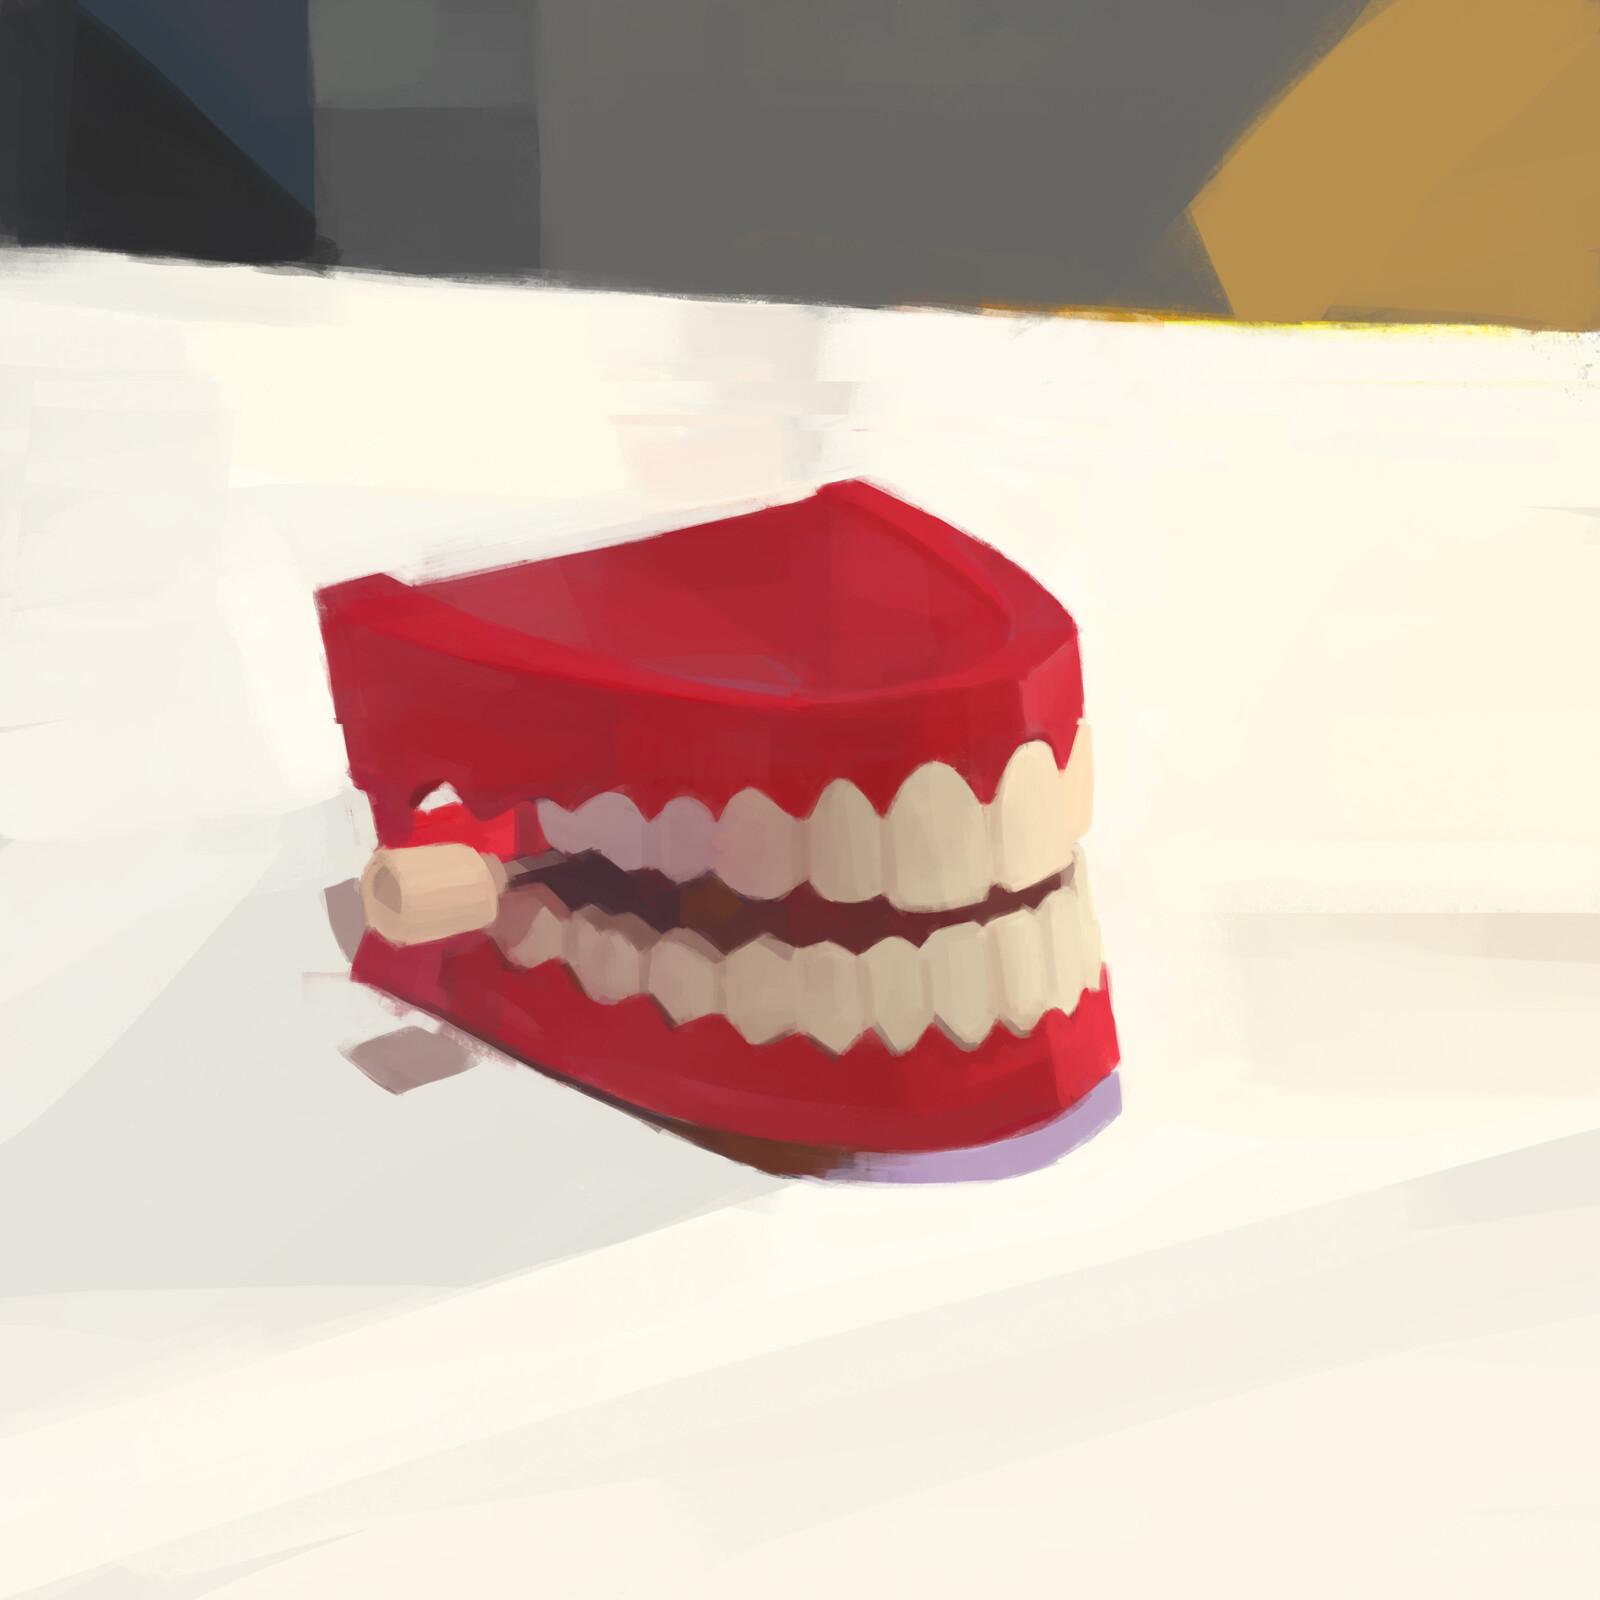 Chattering Teeth - Still Life